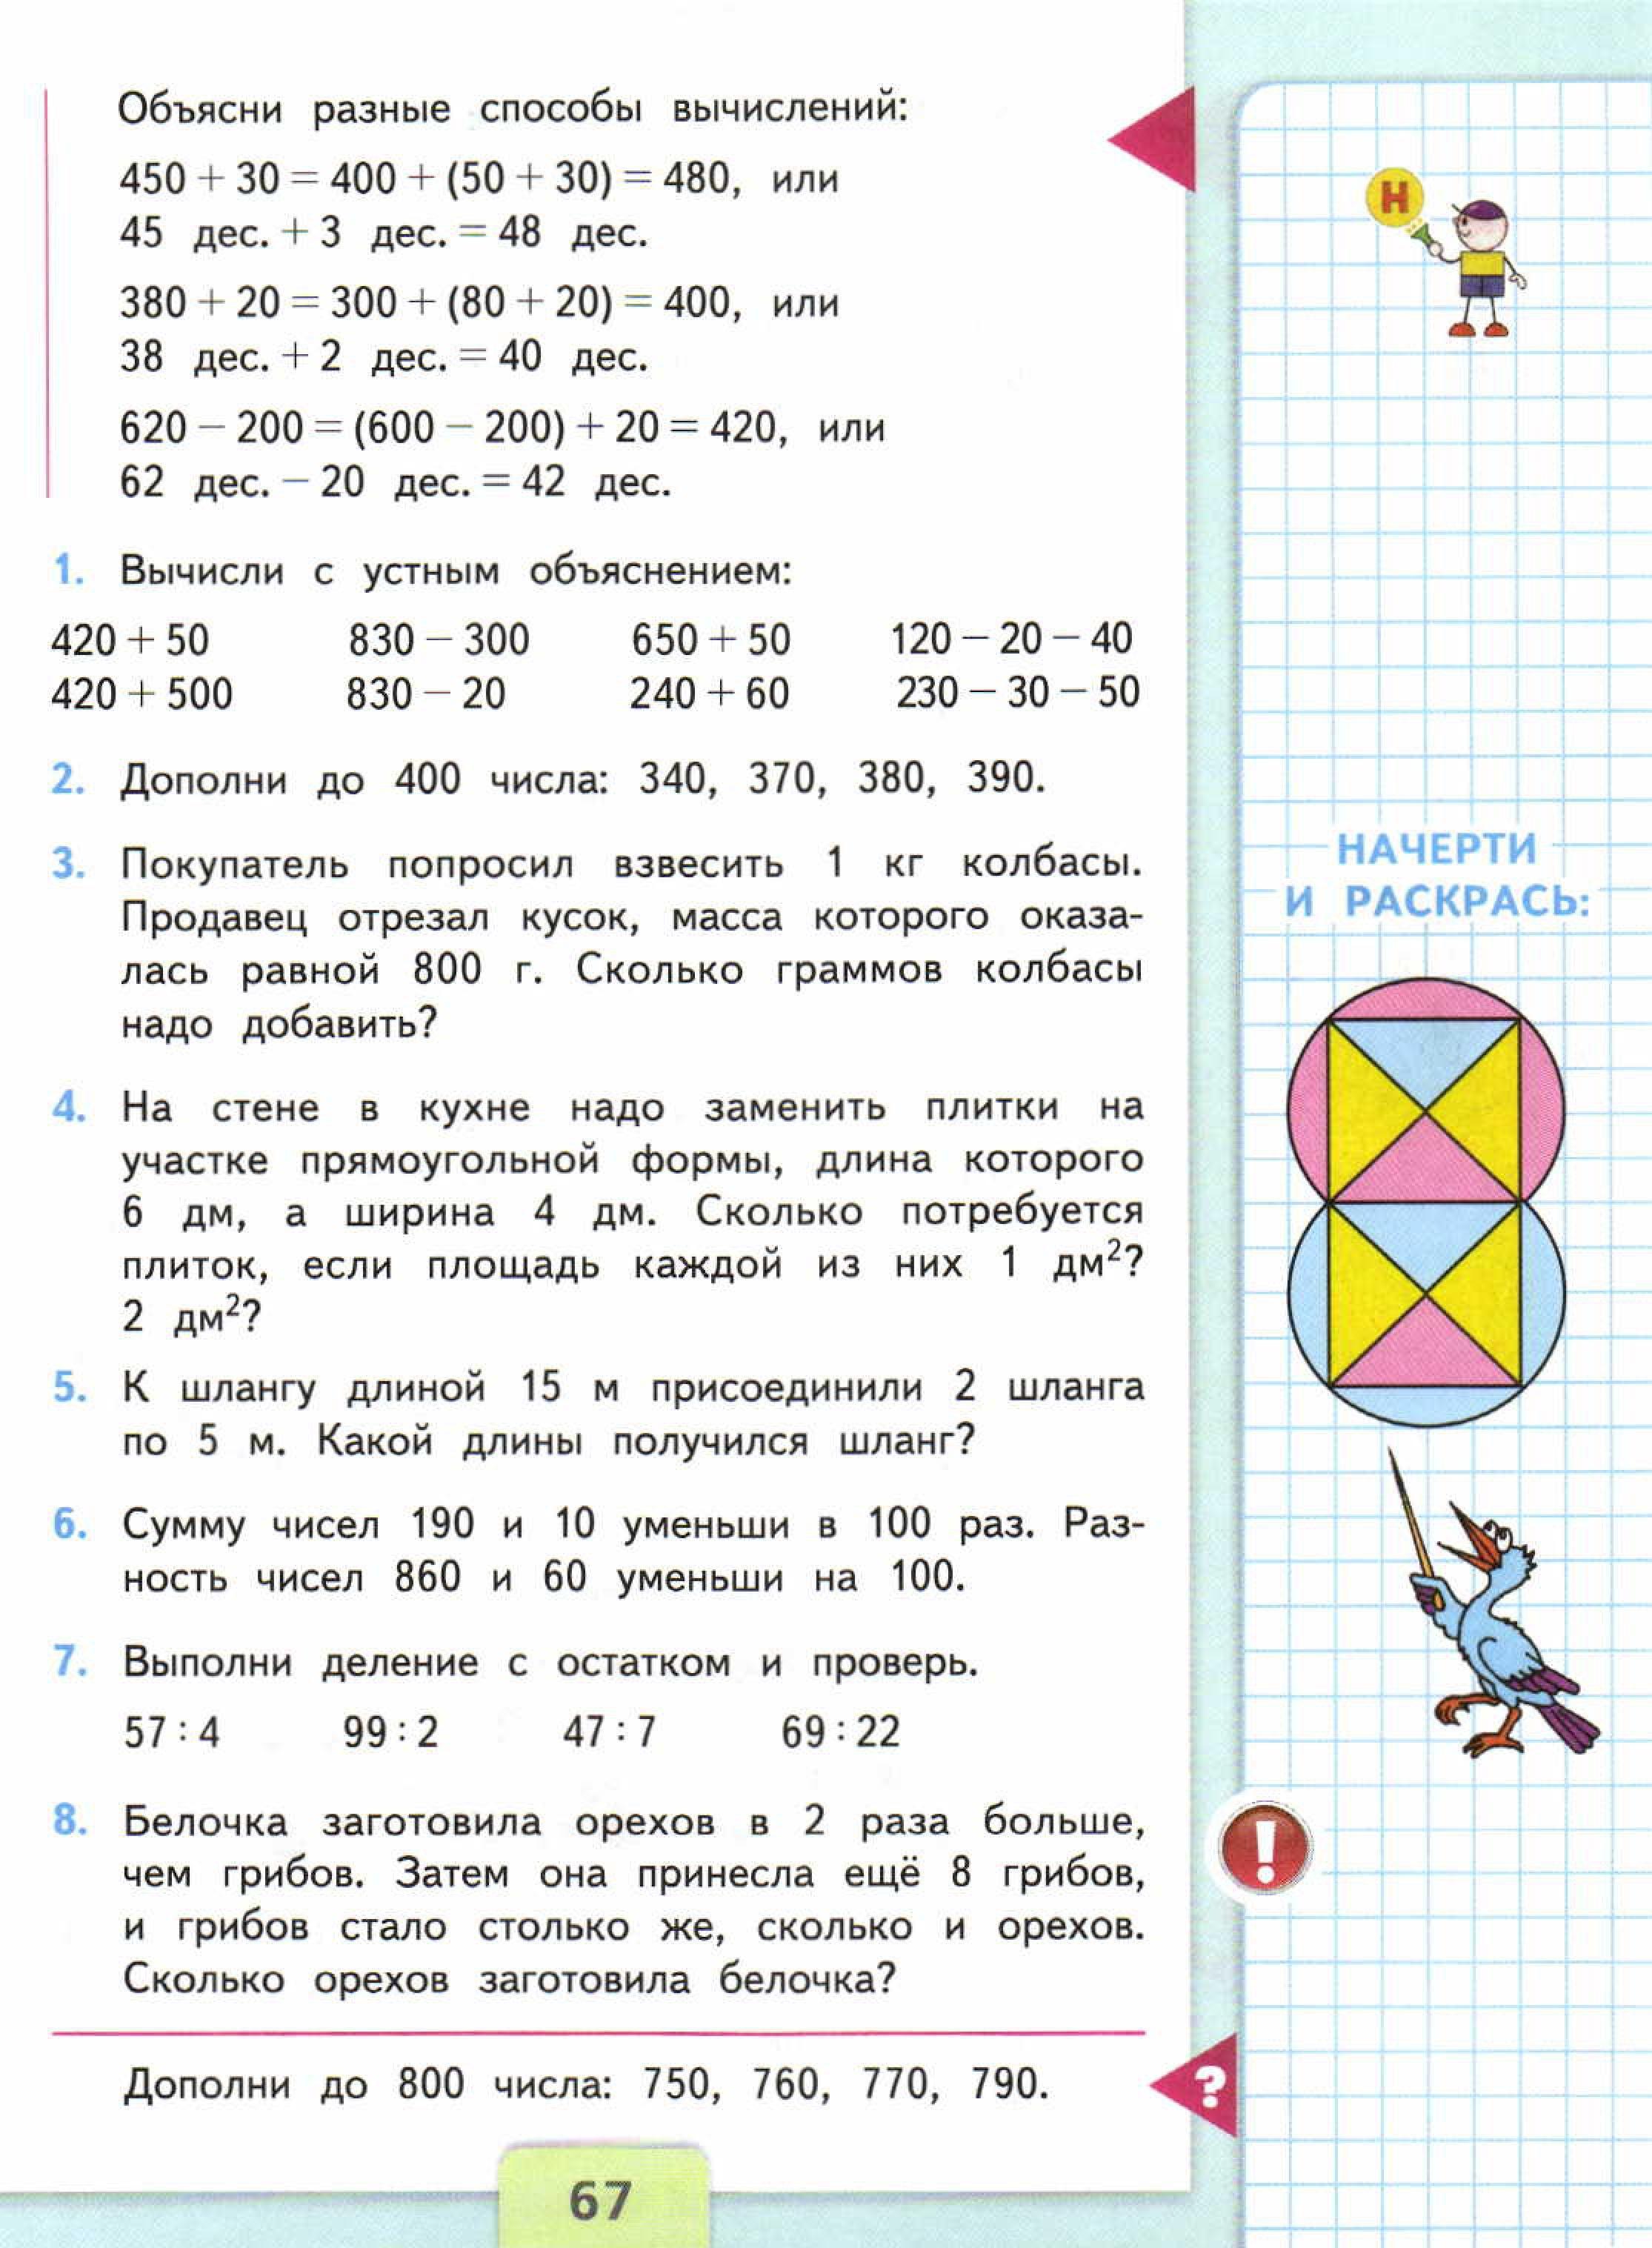 Решебник 5 класс мокшанский язык